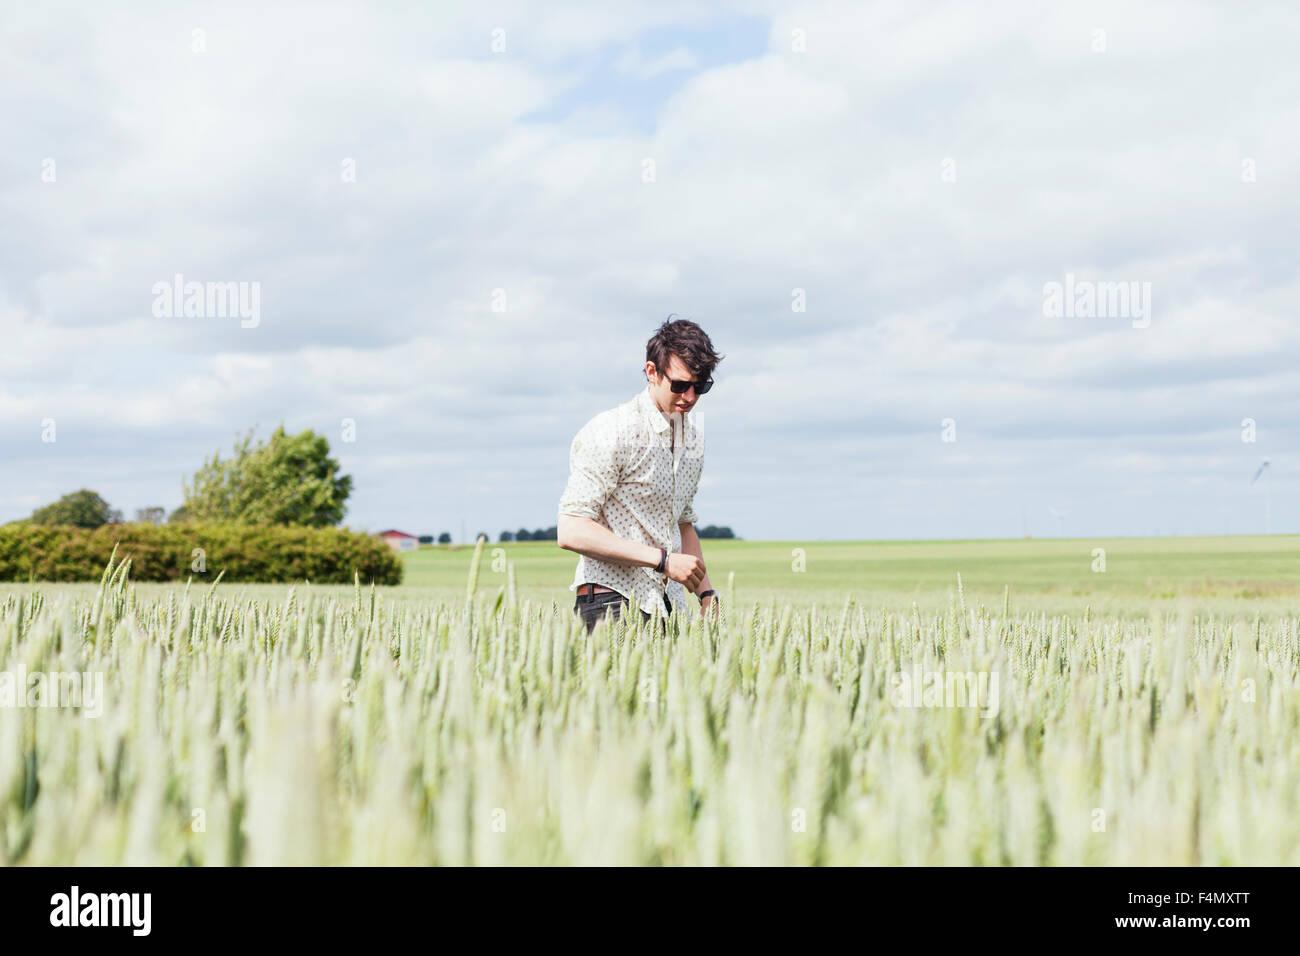 Jeune homme recherche sur field against cloudy sky Photo Stock